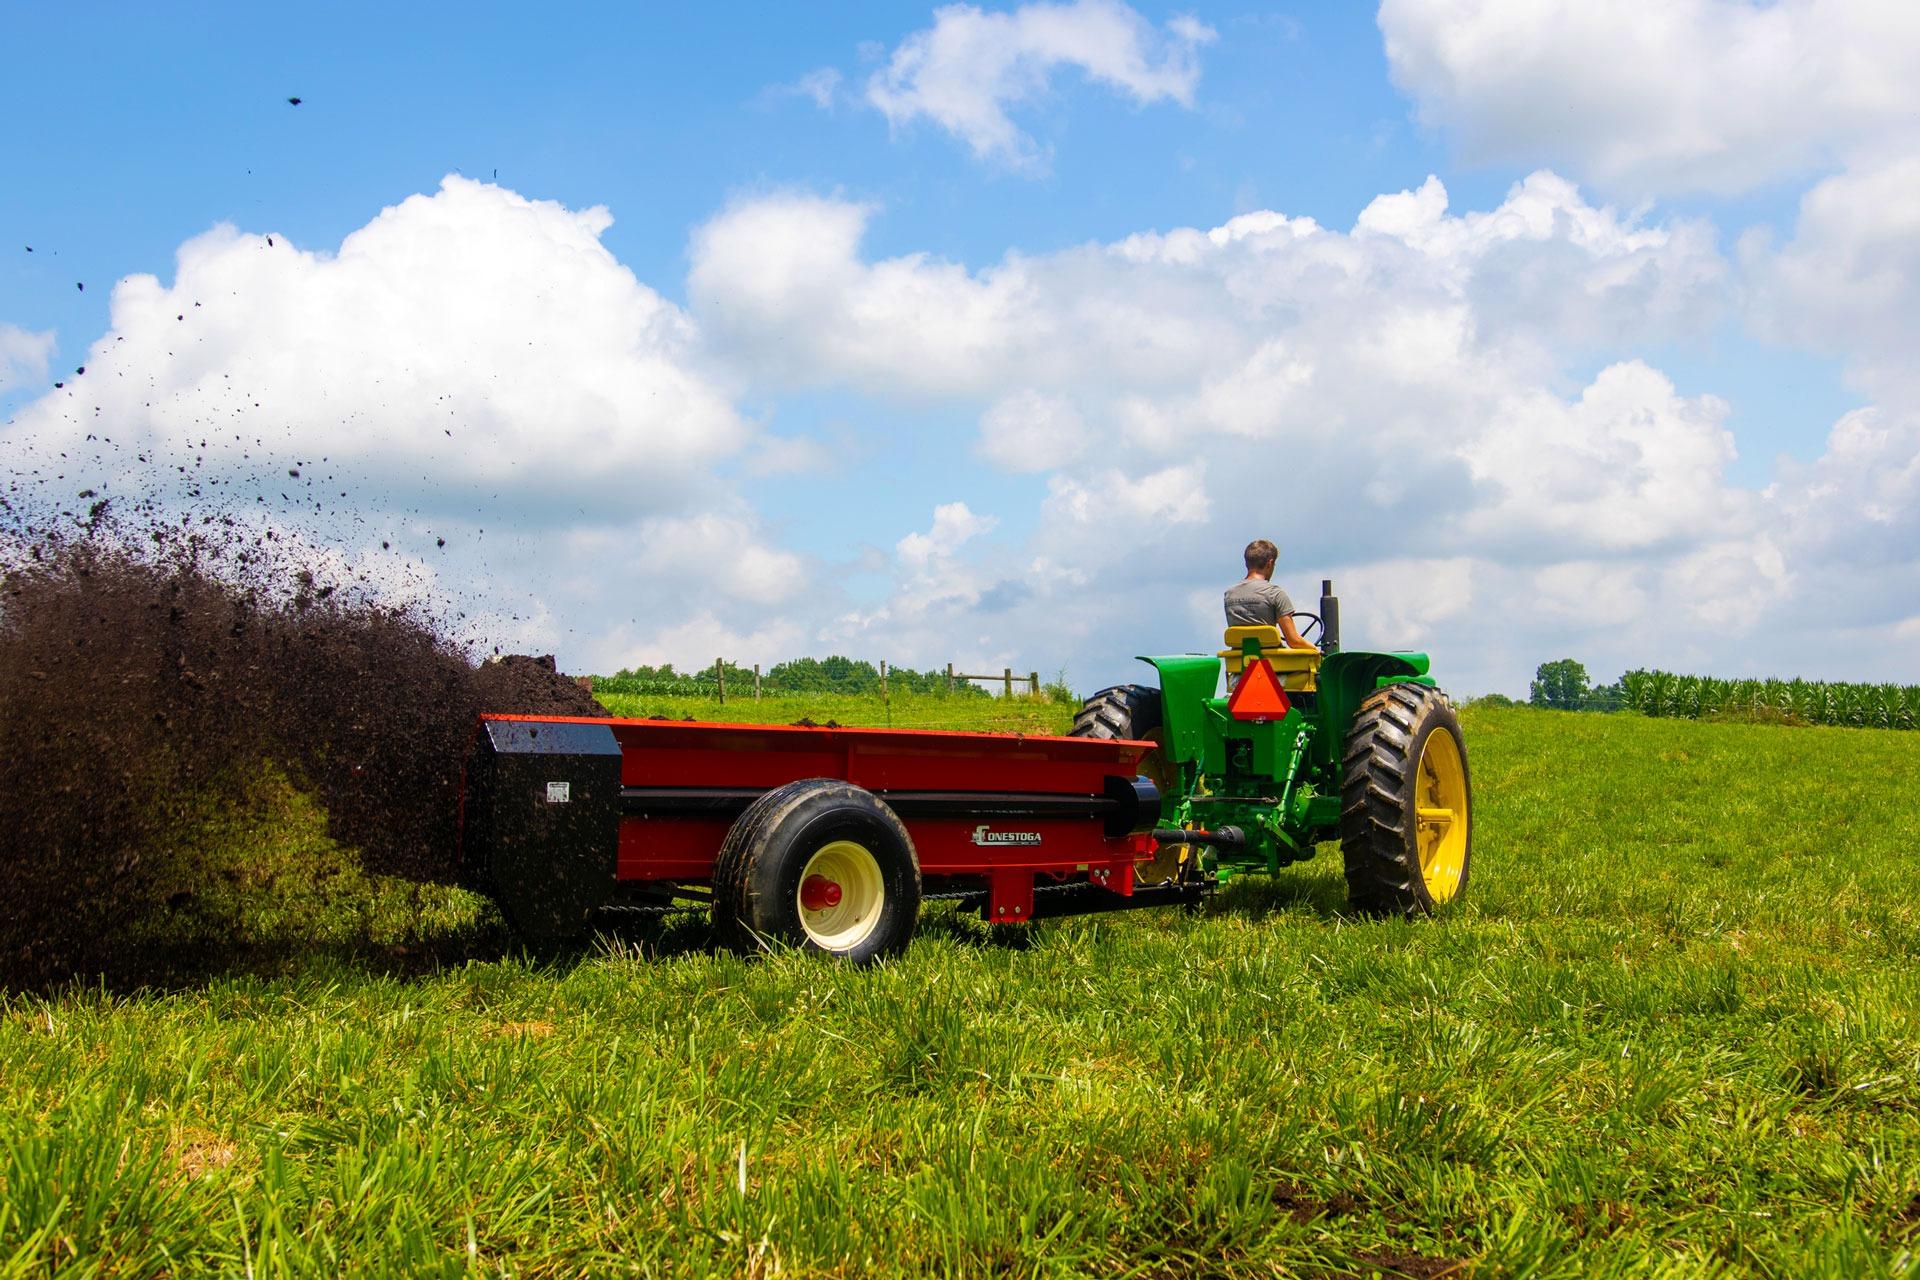 PTO farm manure spreader spreading in open field by conestoga manure spreaders.